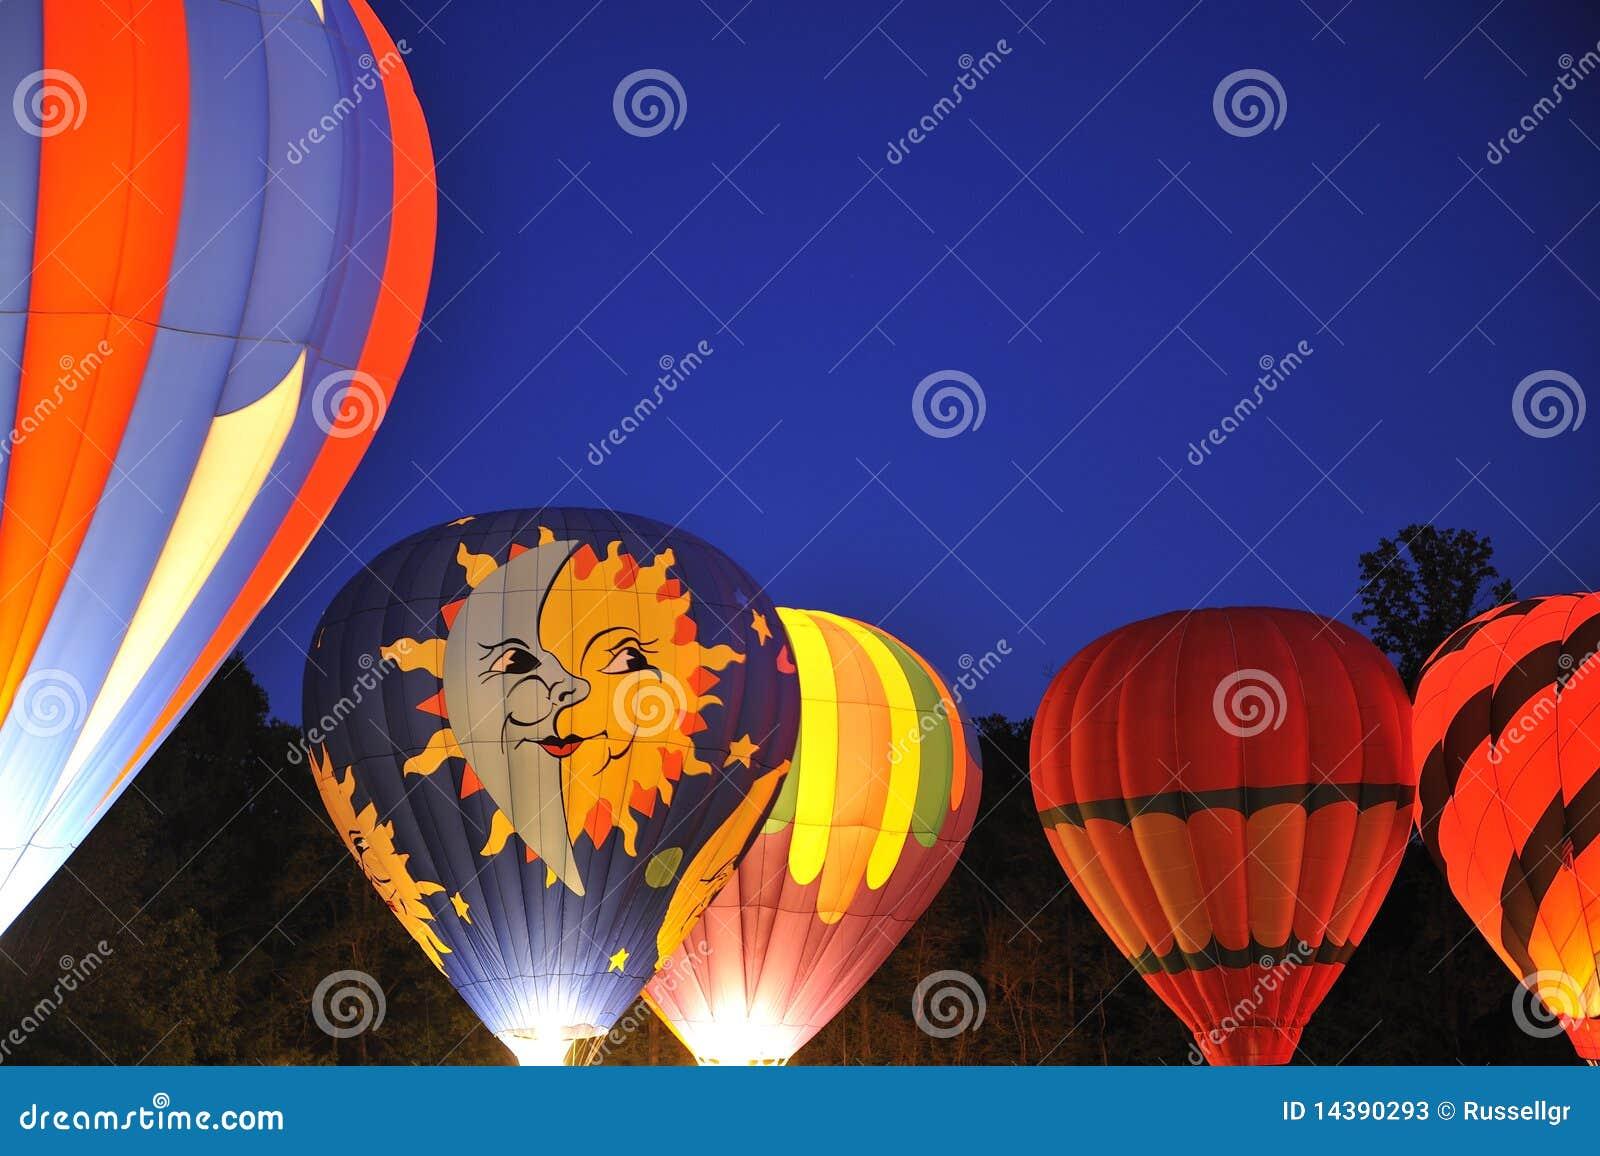 Hot Air Balloons At Night Stock Photos - Image: 14390293